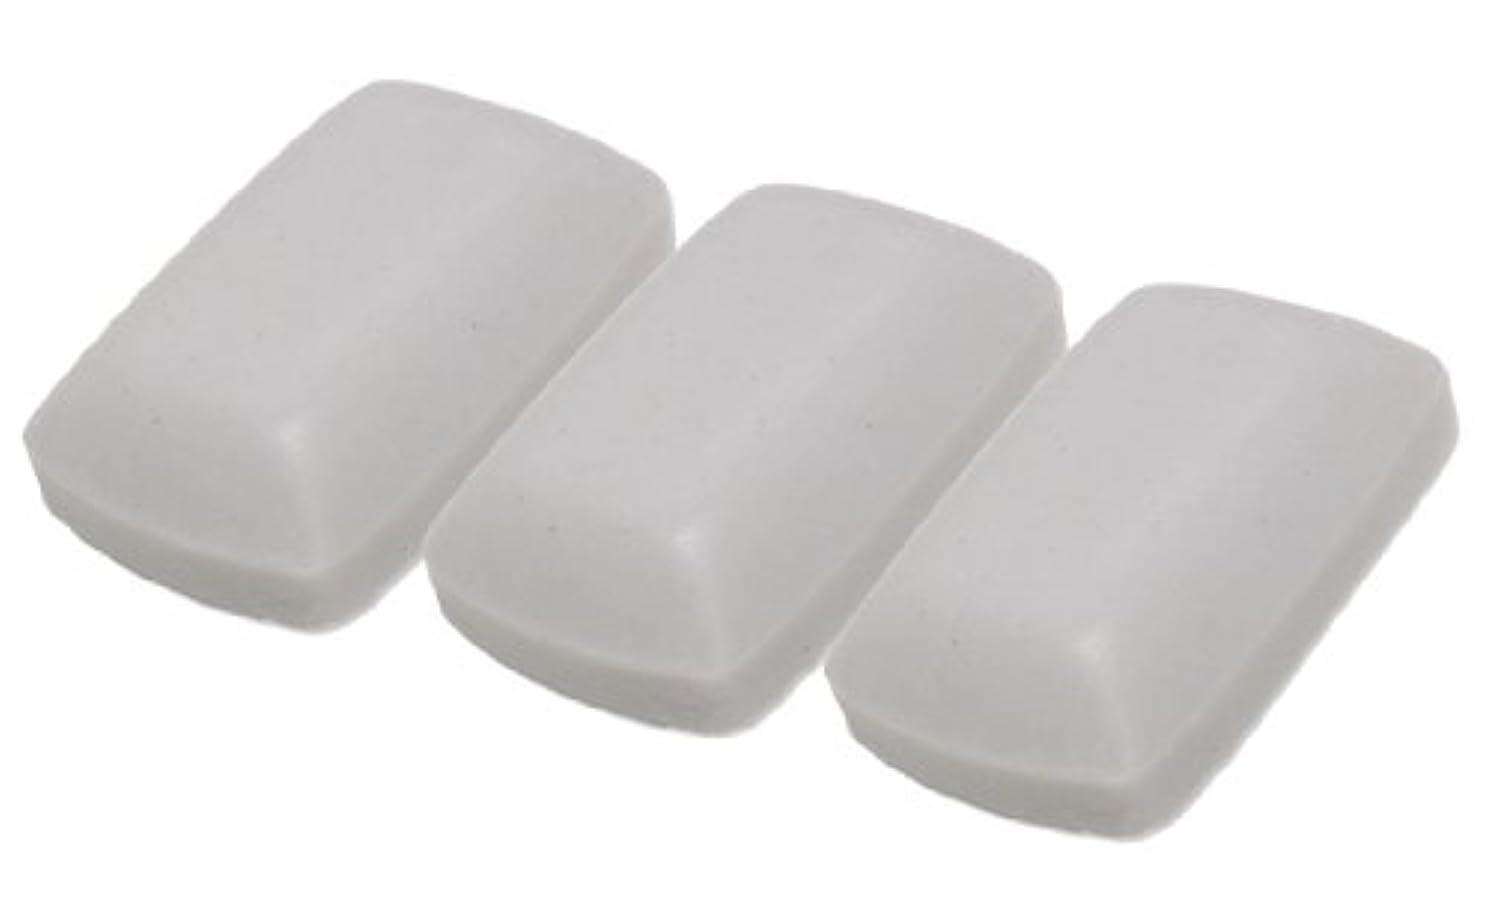 考古学者特別な示す不思議な石鹸「ゆらぎ乃せっけん」3個セット